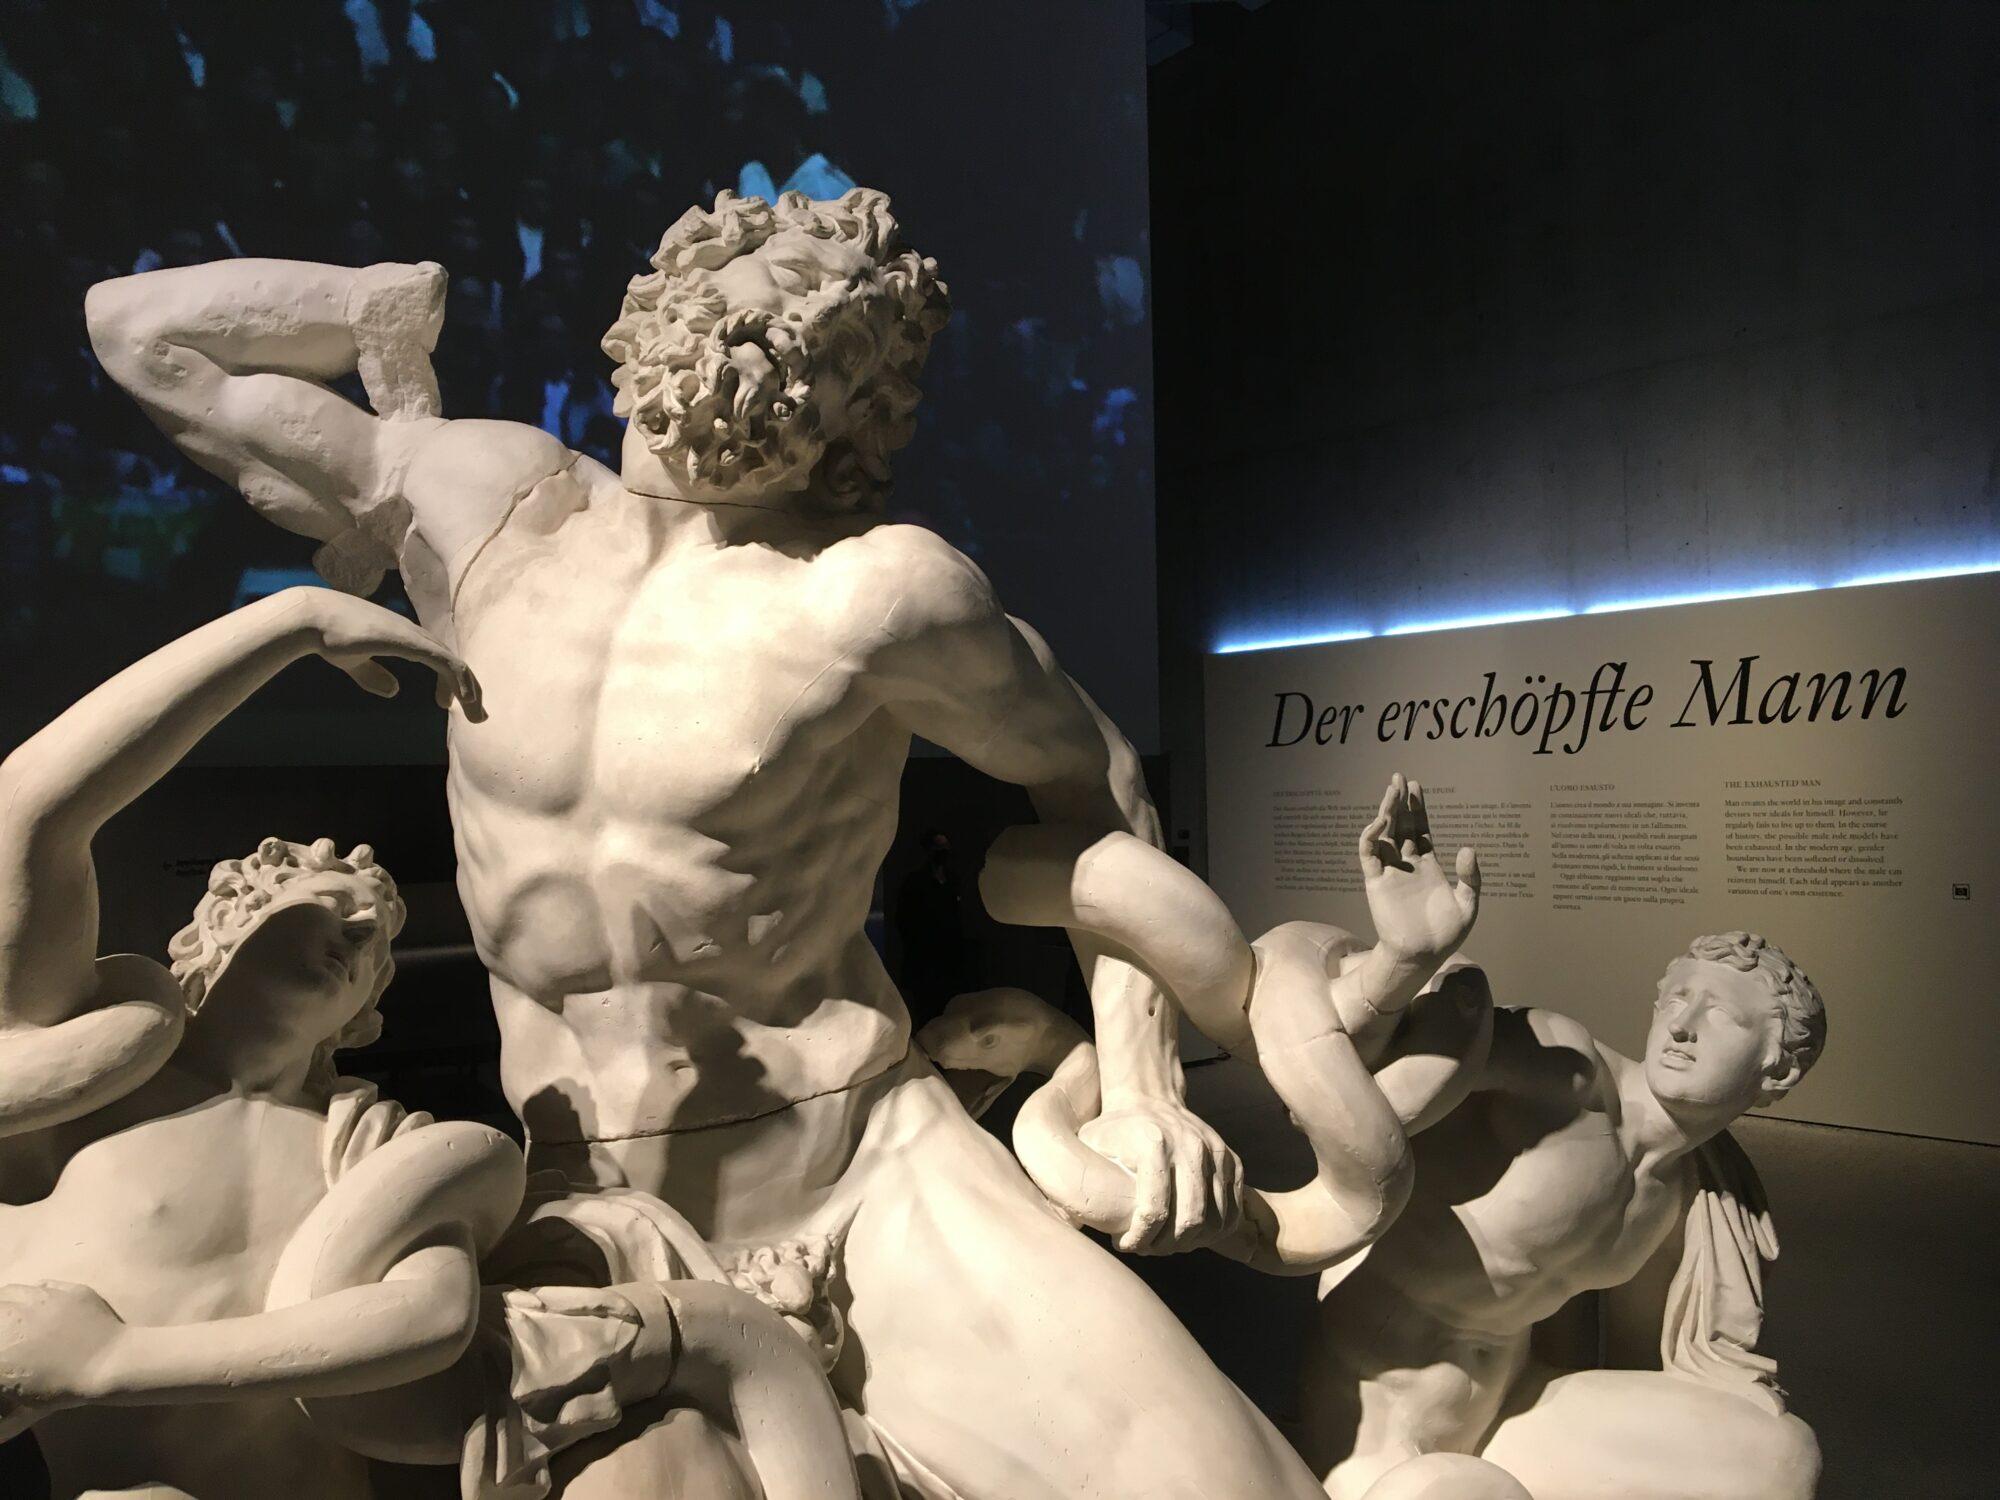 """Die Laokongruppe (Gipsabdruck)  - Kernstück und Entreé der Ausstellung """"Der erschöpfte Mann"""" im Schweizerischen Landesmuseum Zürich."""